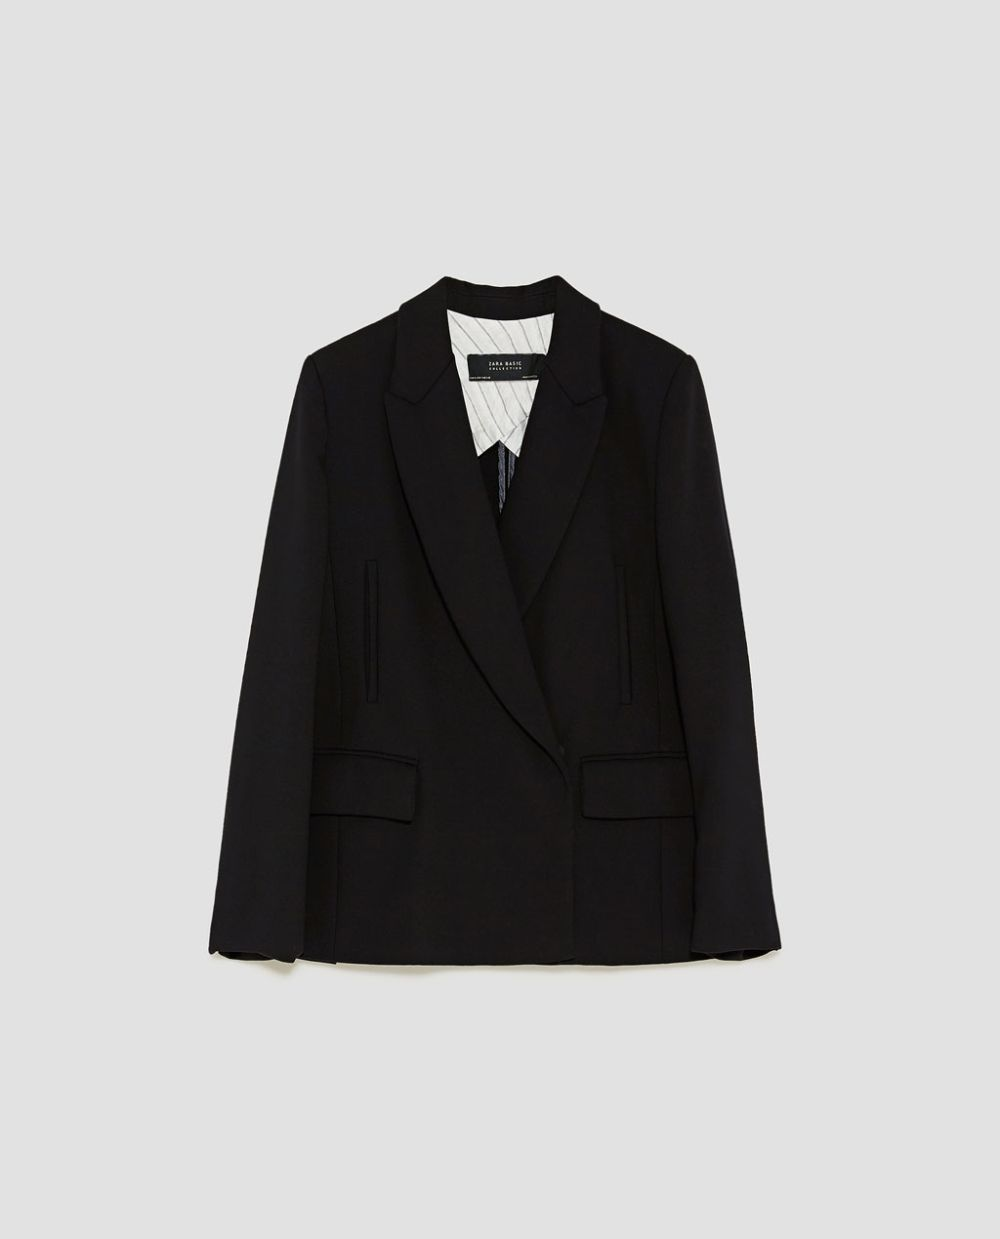 Blazer negra cruzada de Zara (49,95 euros)